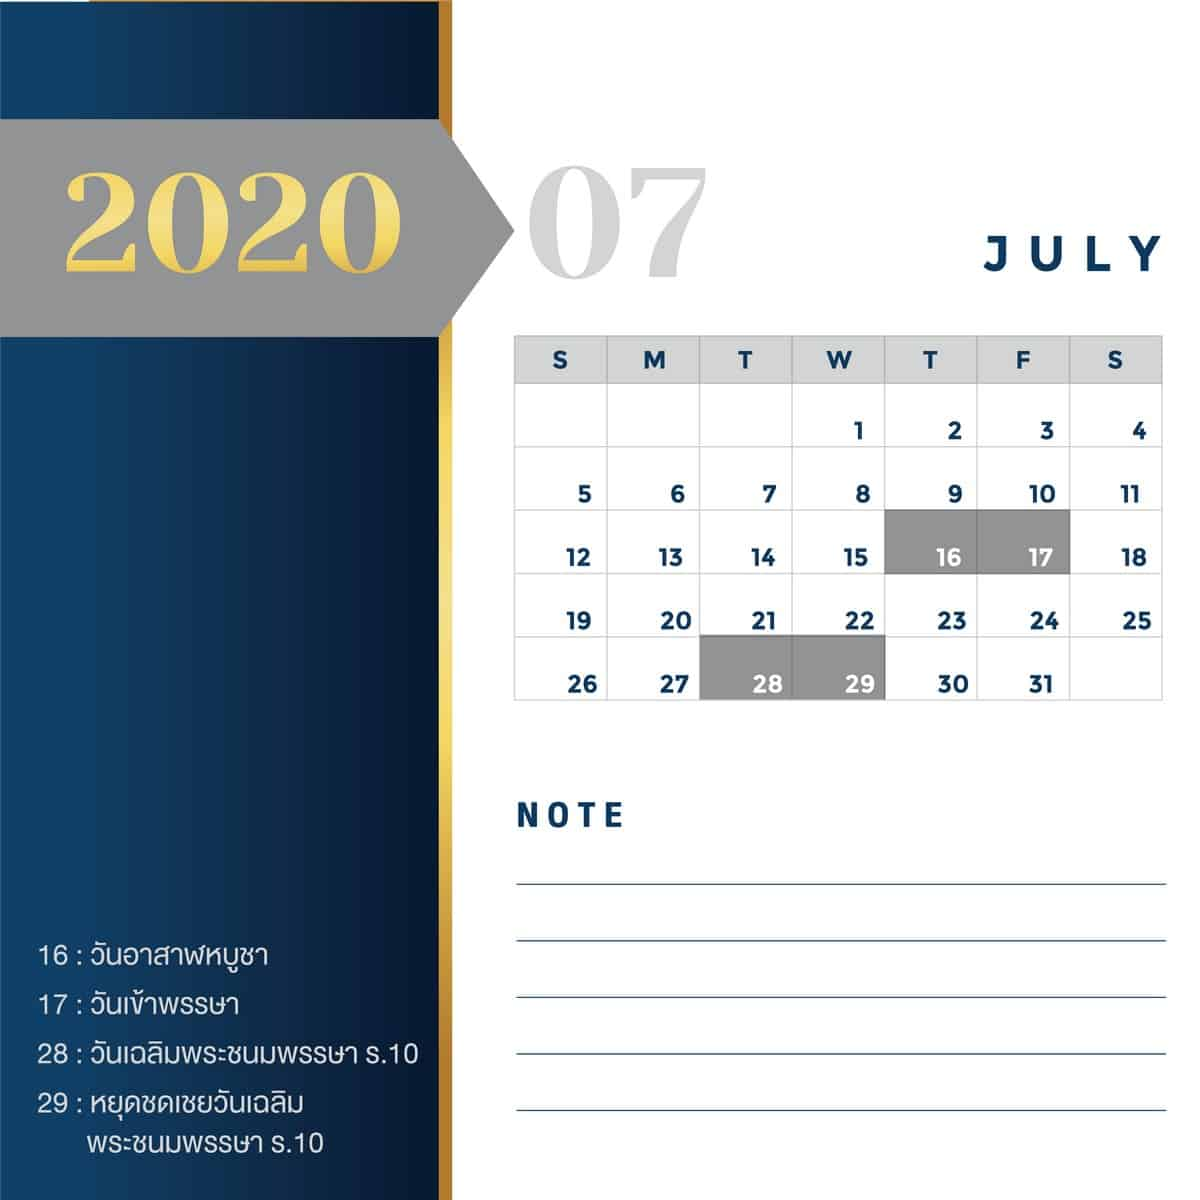 Calendar Miw Services 07 - แจกฟรี! ภาพปฏิทิน 2563 ครบ 12 เดือน พร้อมวันหยุดราชการไทย (PNG, PDF)